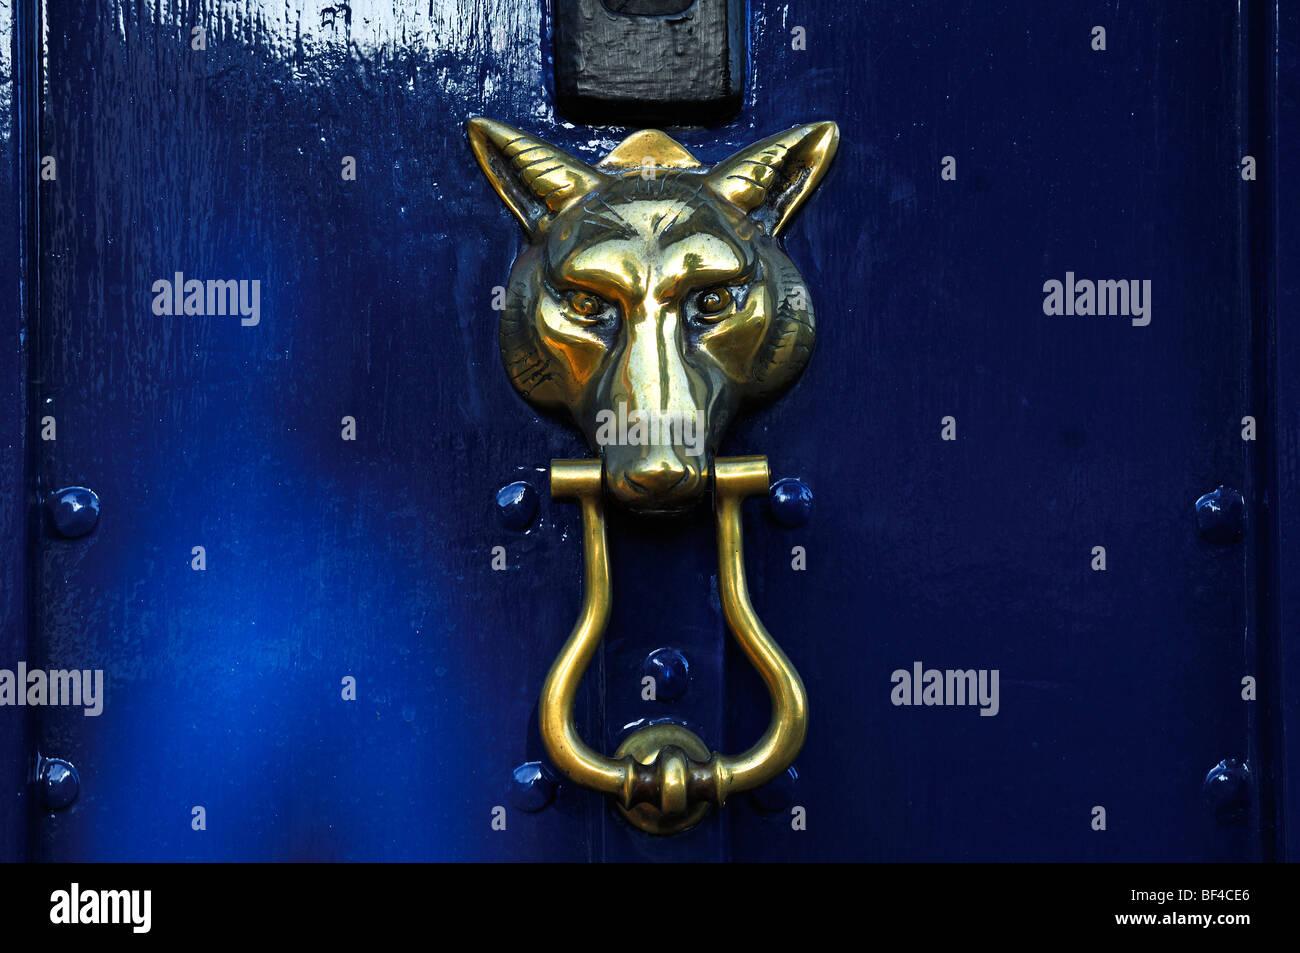 Wolfu0027s Head As A Brass Knocker On A Door, Church Street, Chipping Campden,